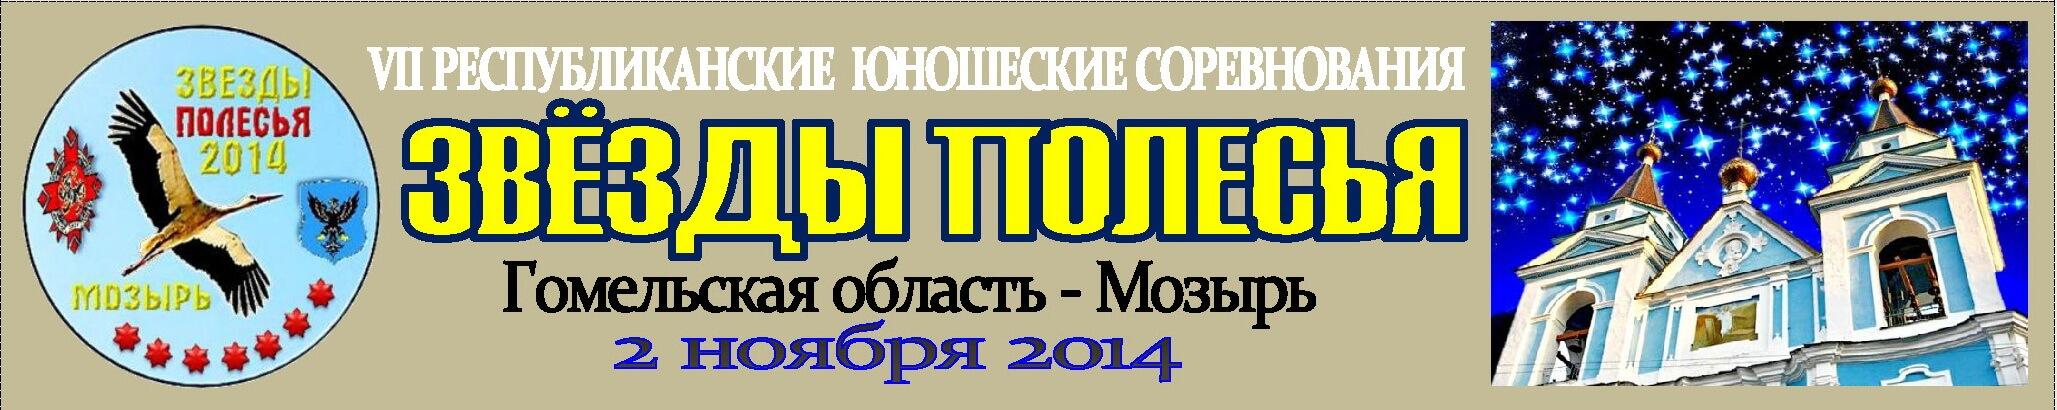 мозырь_2014